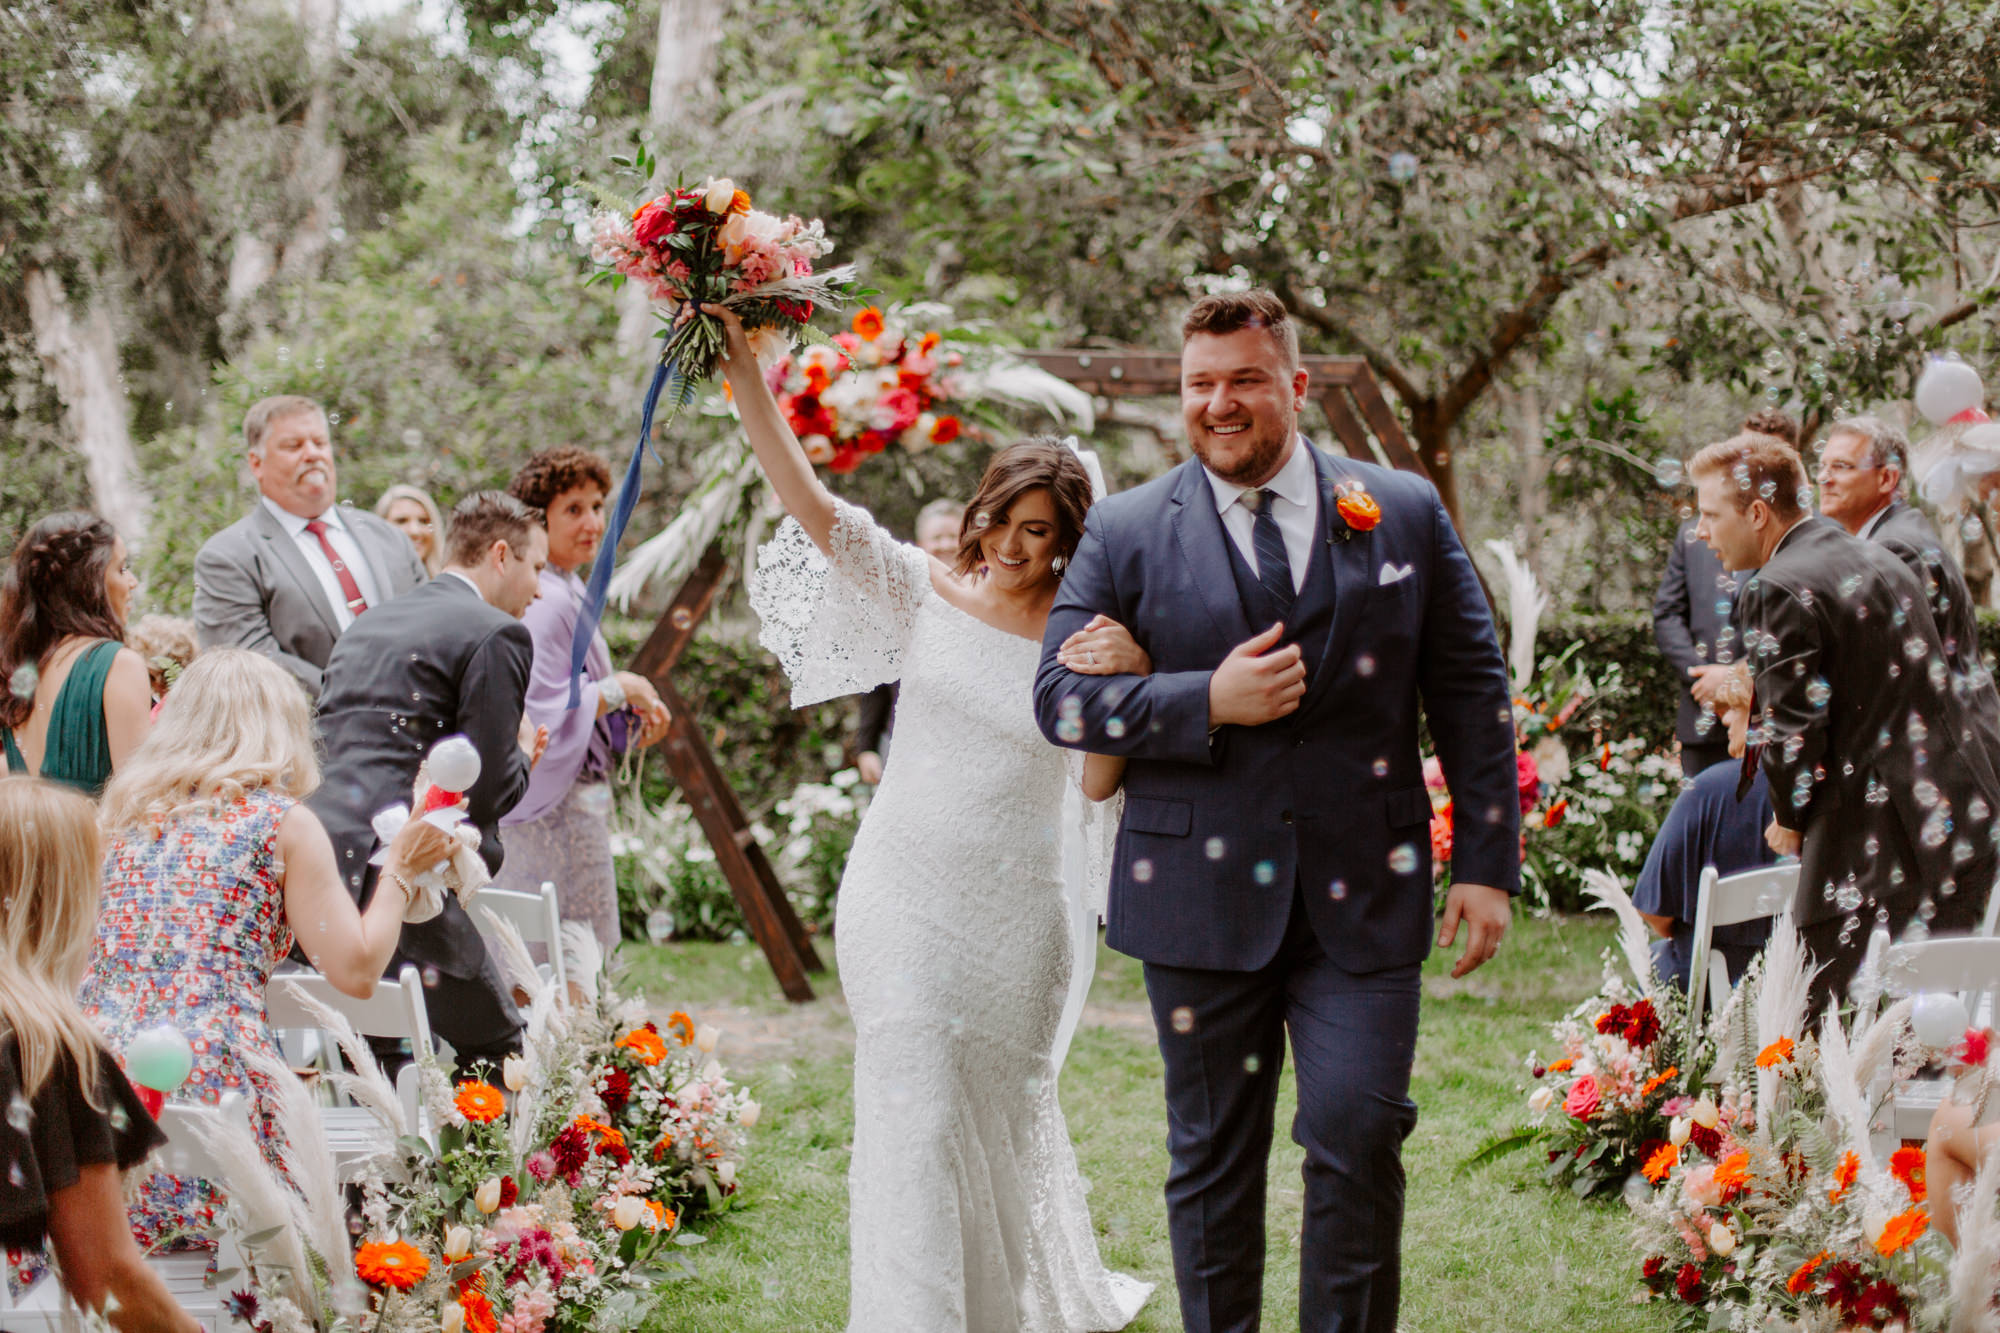 Rancho bernardo Inn san deigo wedding photography0060.jpg